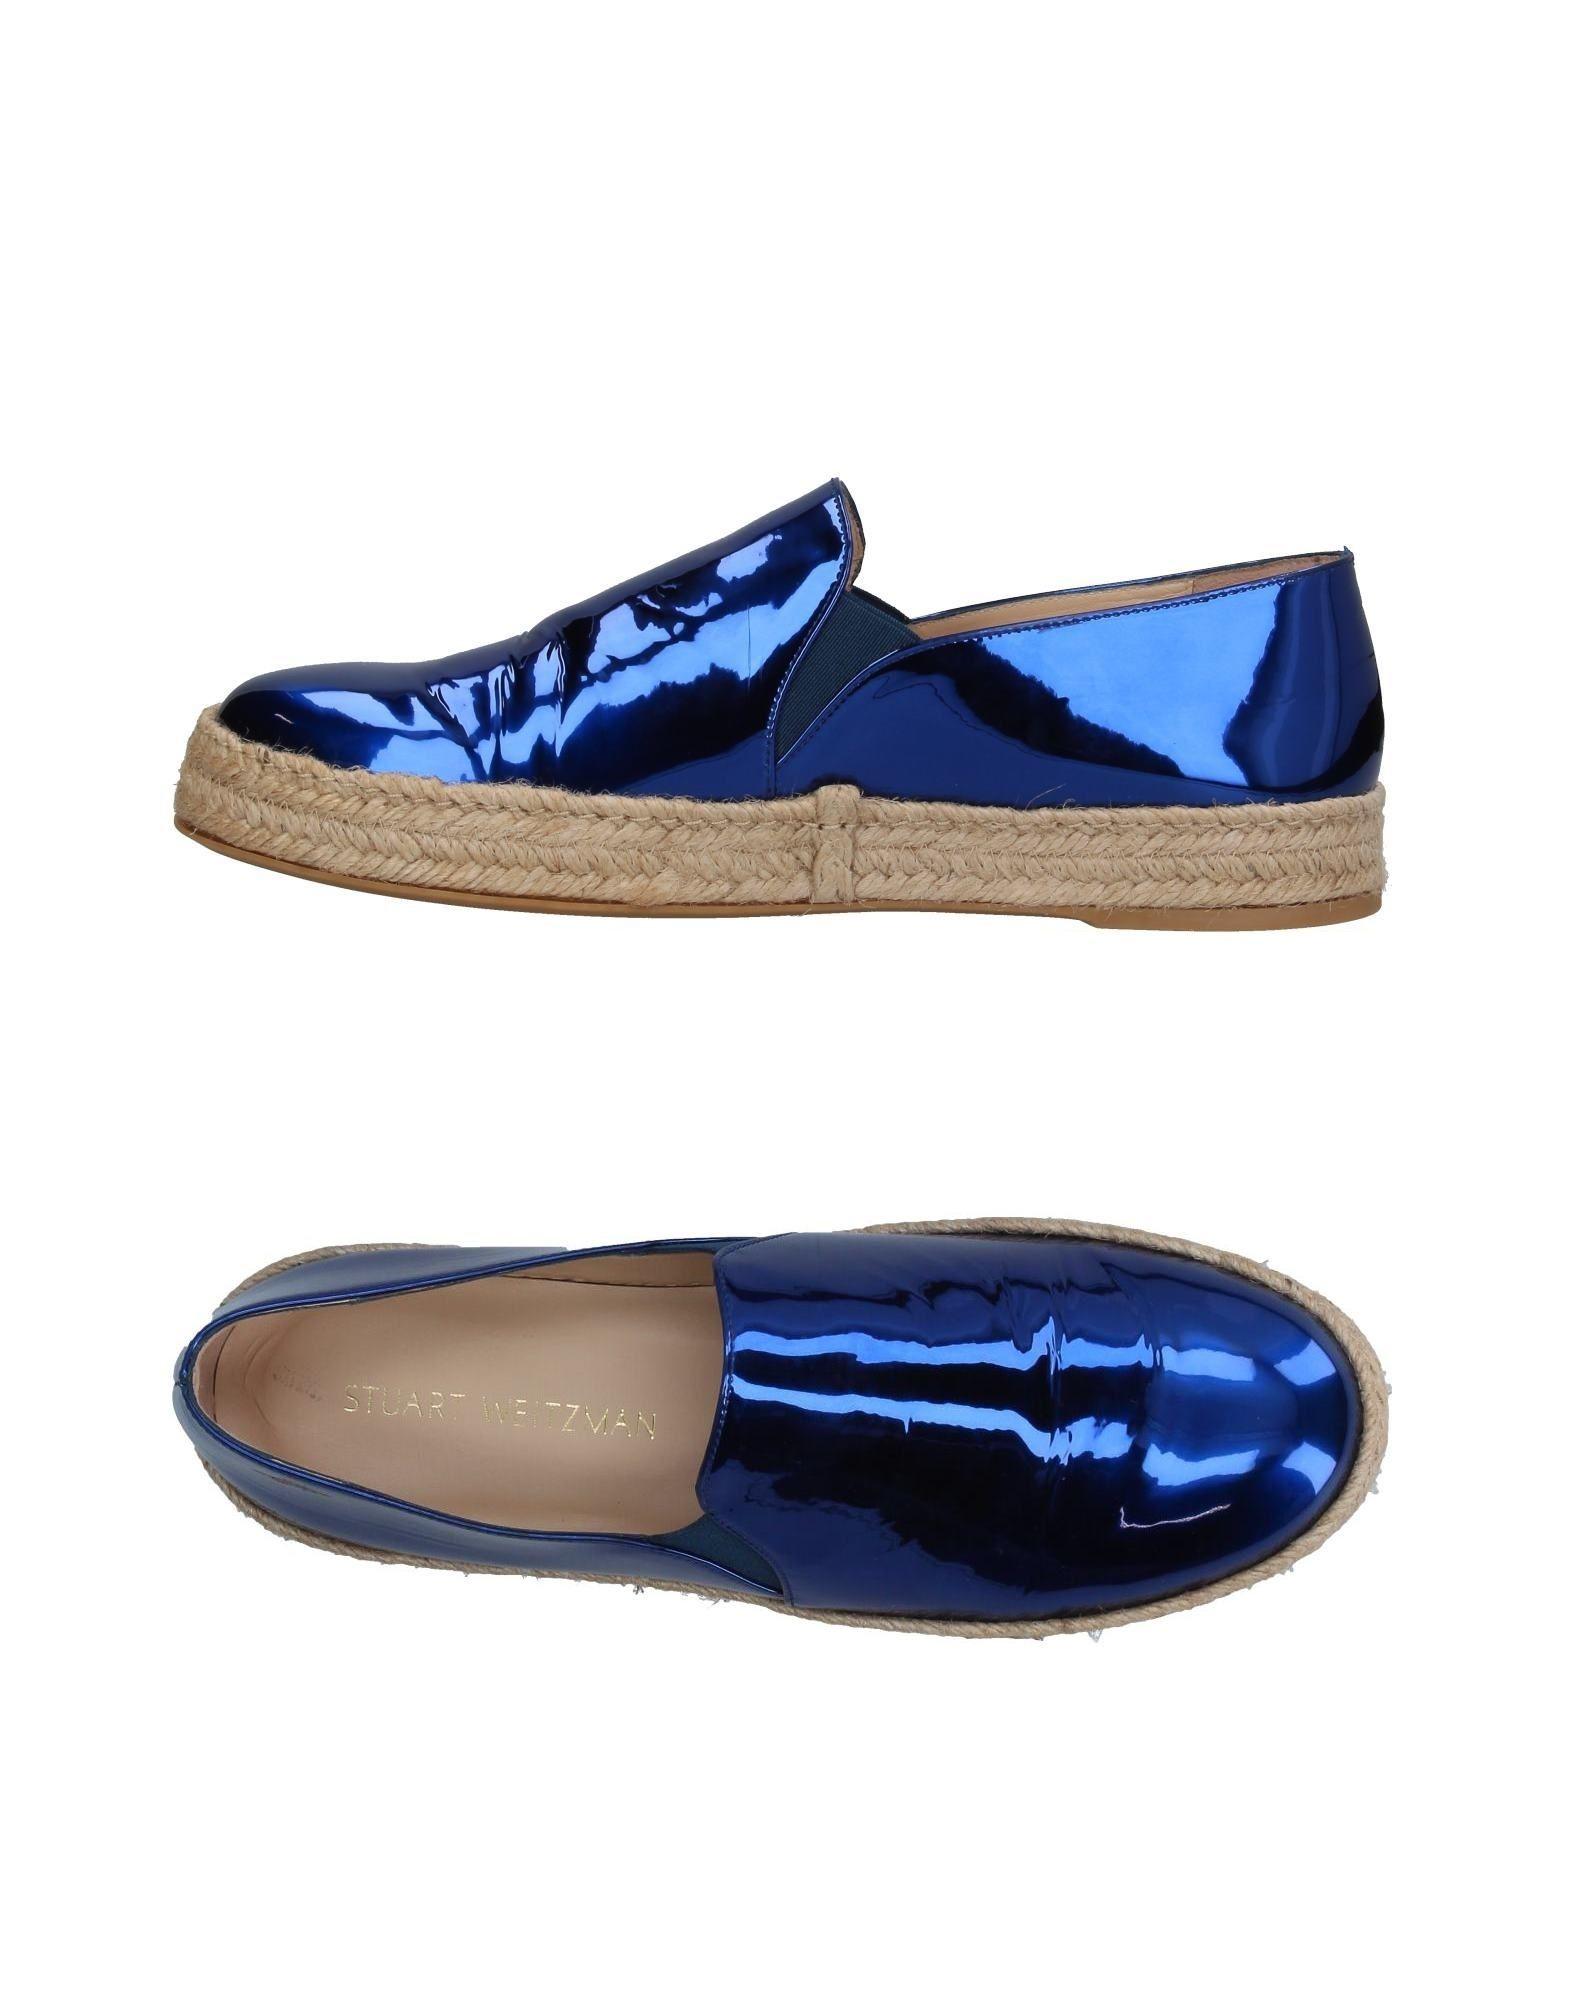 Stuart Weitzman Sneakers Damen  11360338MPGut aussehende strapazierfähige Schuhe